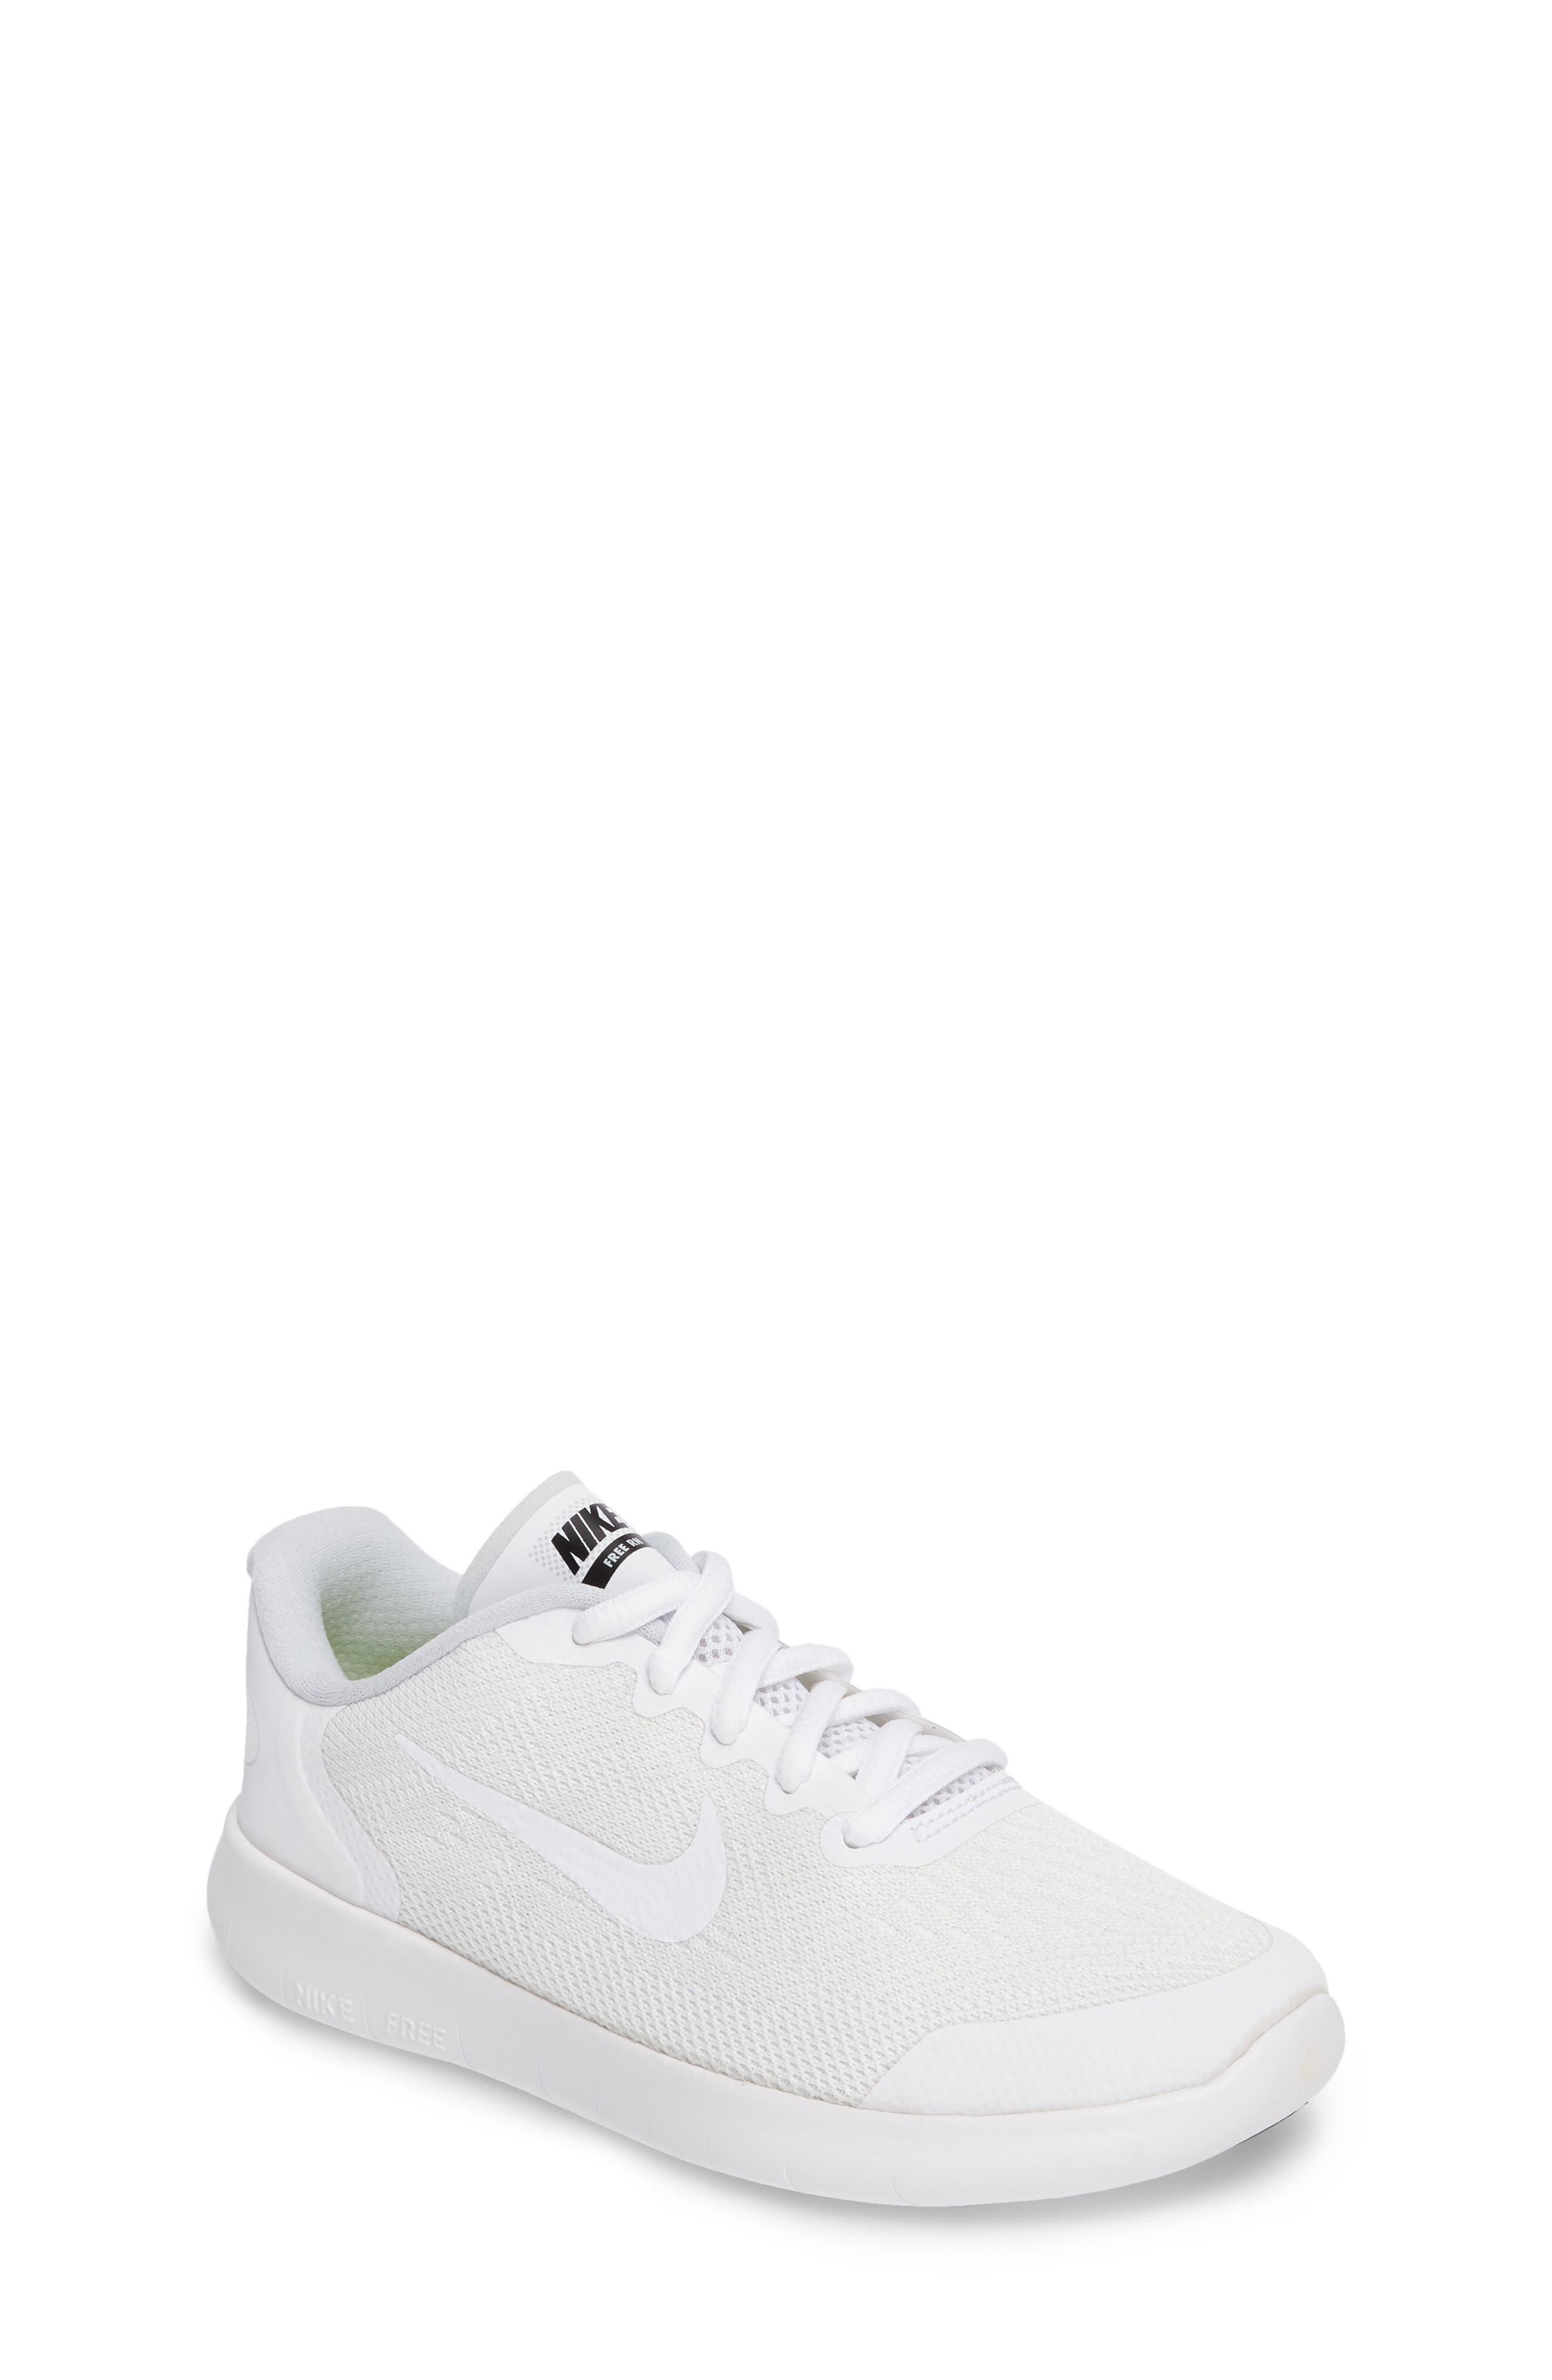 Nike Free RN Running Shoe (Toddler, Little Kid & Big Kid)